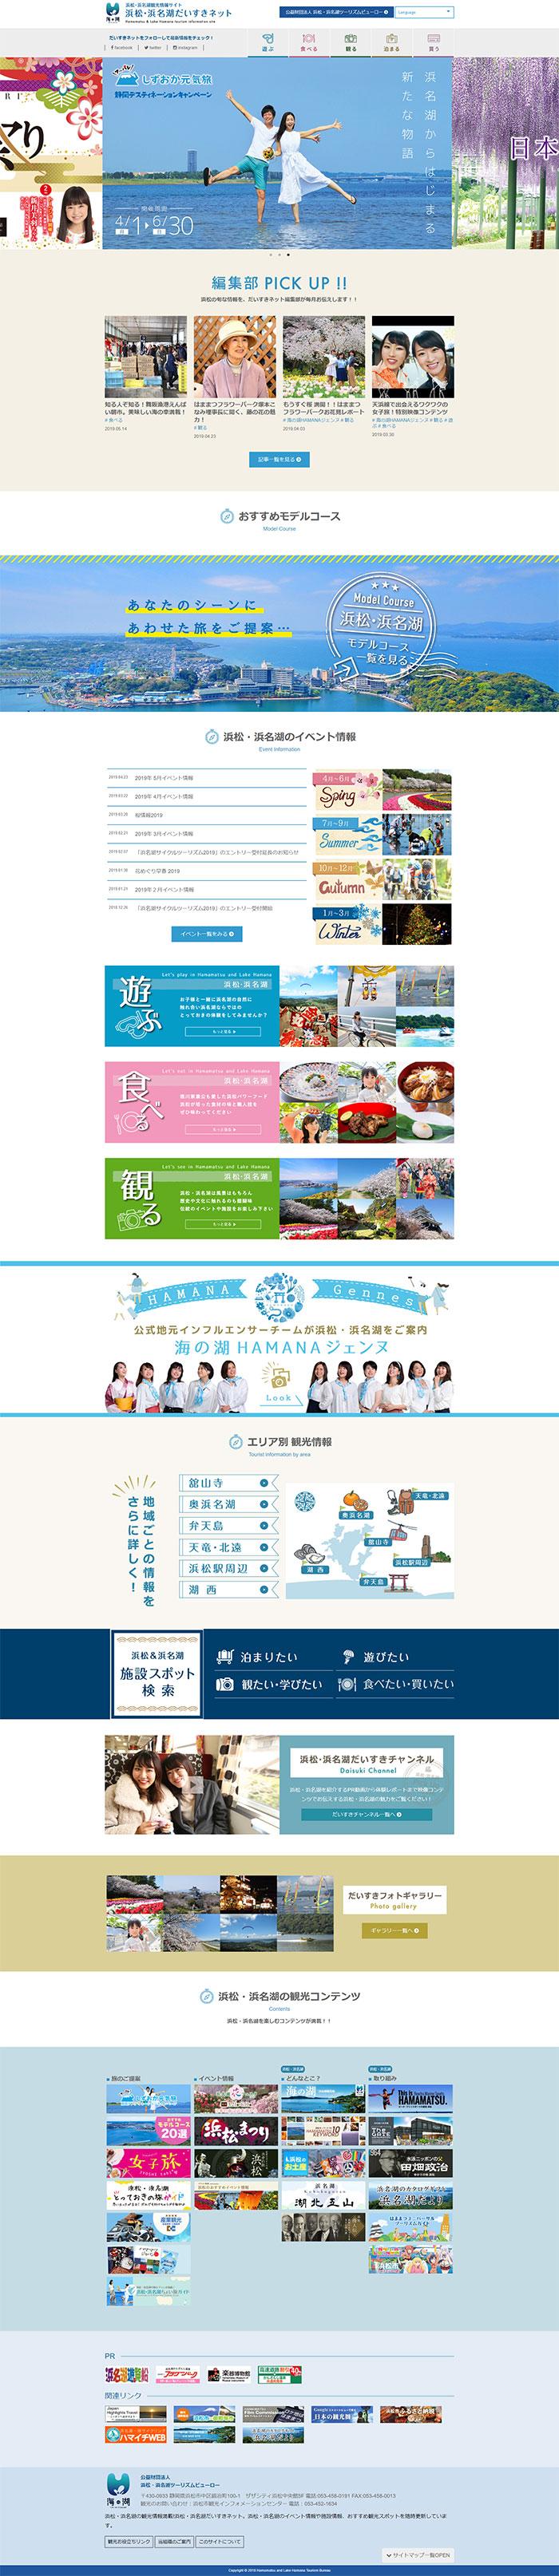 公式/浜松・浜名湖観光情報サイト~浜松・浜名湖だいすきネット~